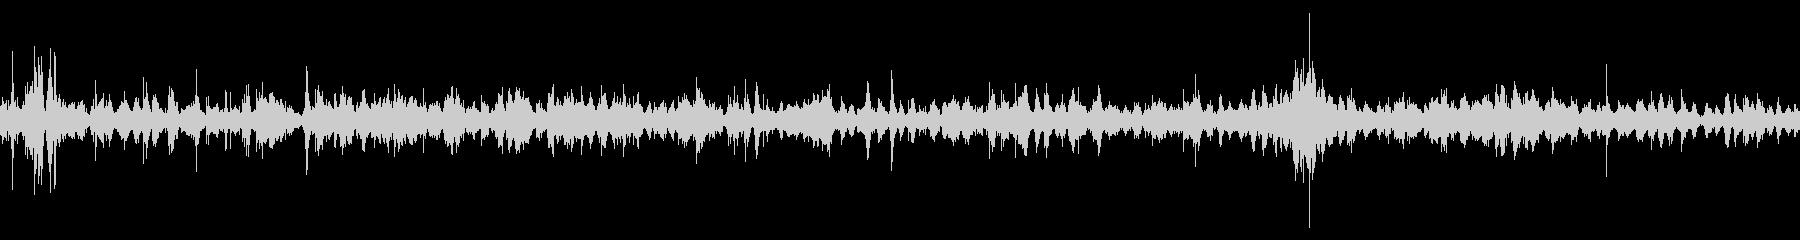 [自然環境音][生録音] 海の音 砂浜の未再生の波形